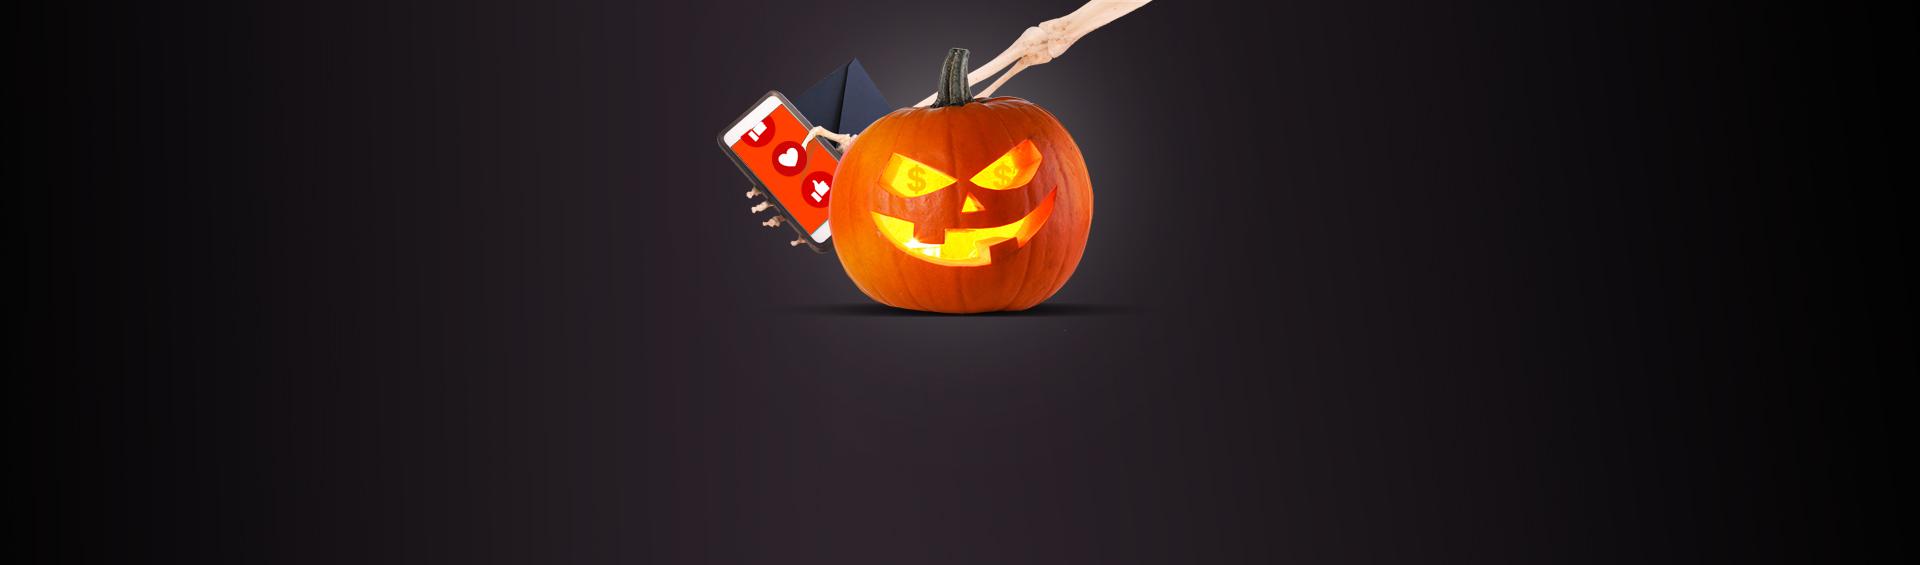 Непровалите Хеллоуин: 7маркетинговых идей длятех, ктовсё перепробовал